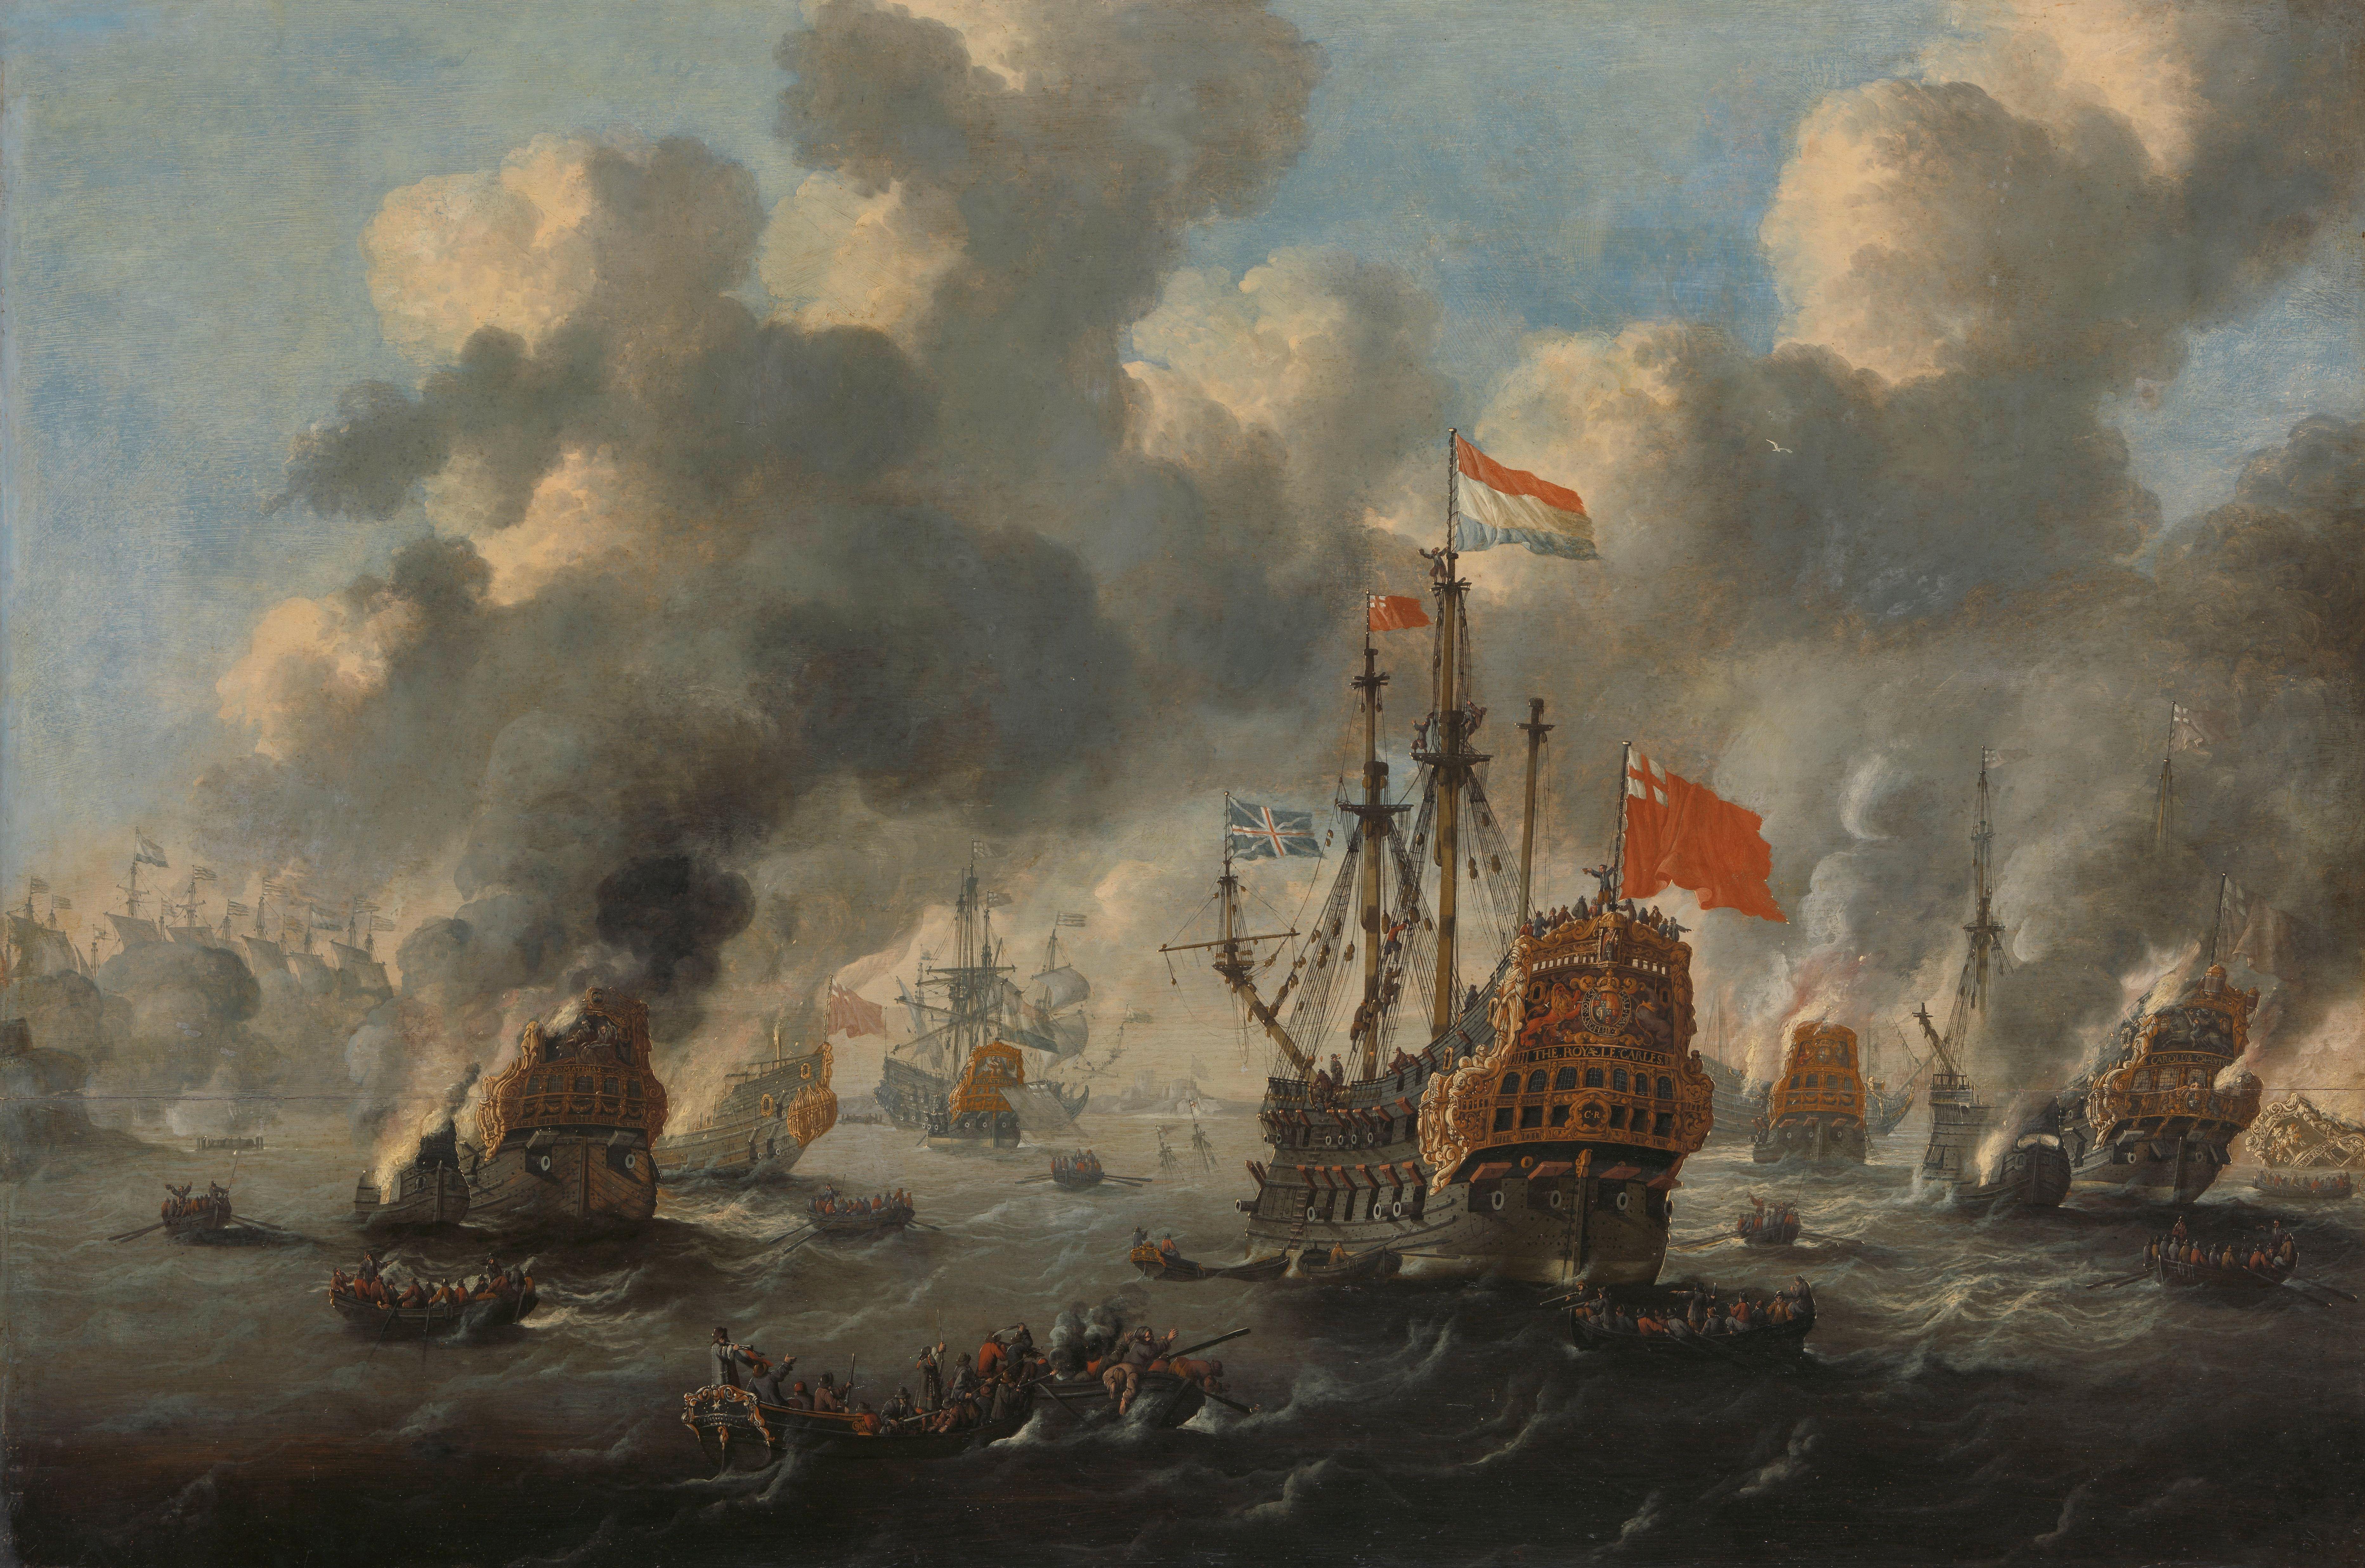 Het_verbranden_van_de_Engelse_vloot_voor_Chatham_-_The_Dutch_burn_down_the_English_fleet_before_Chatham_-_June_20_1667_%28Peter_van_de_Velde%29.jpg